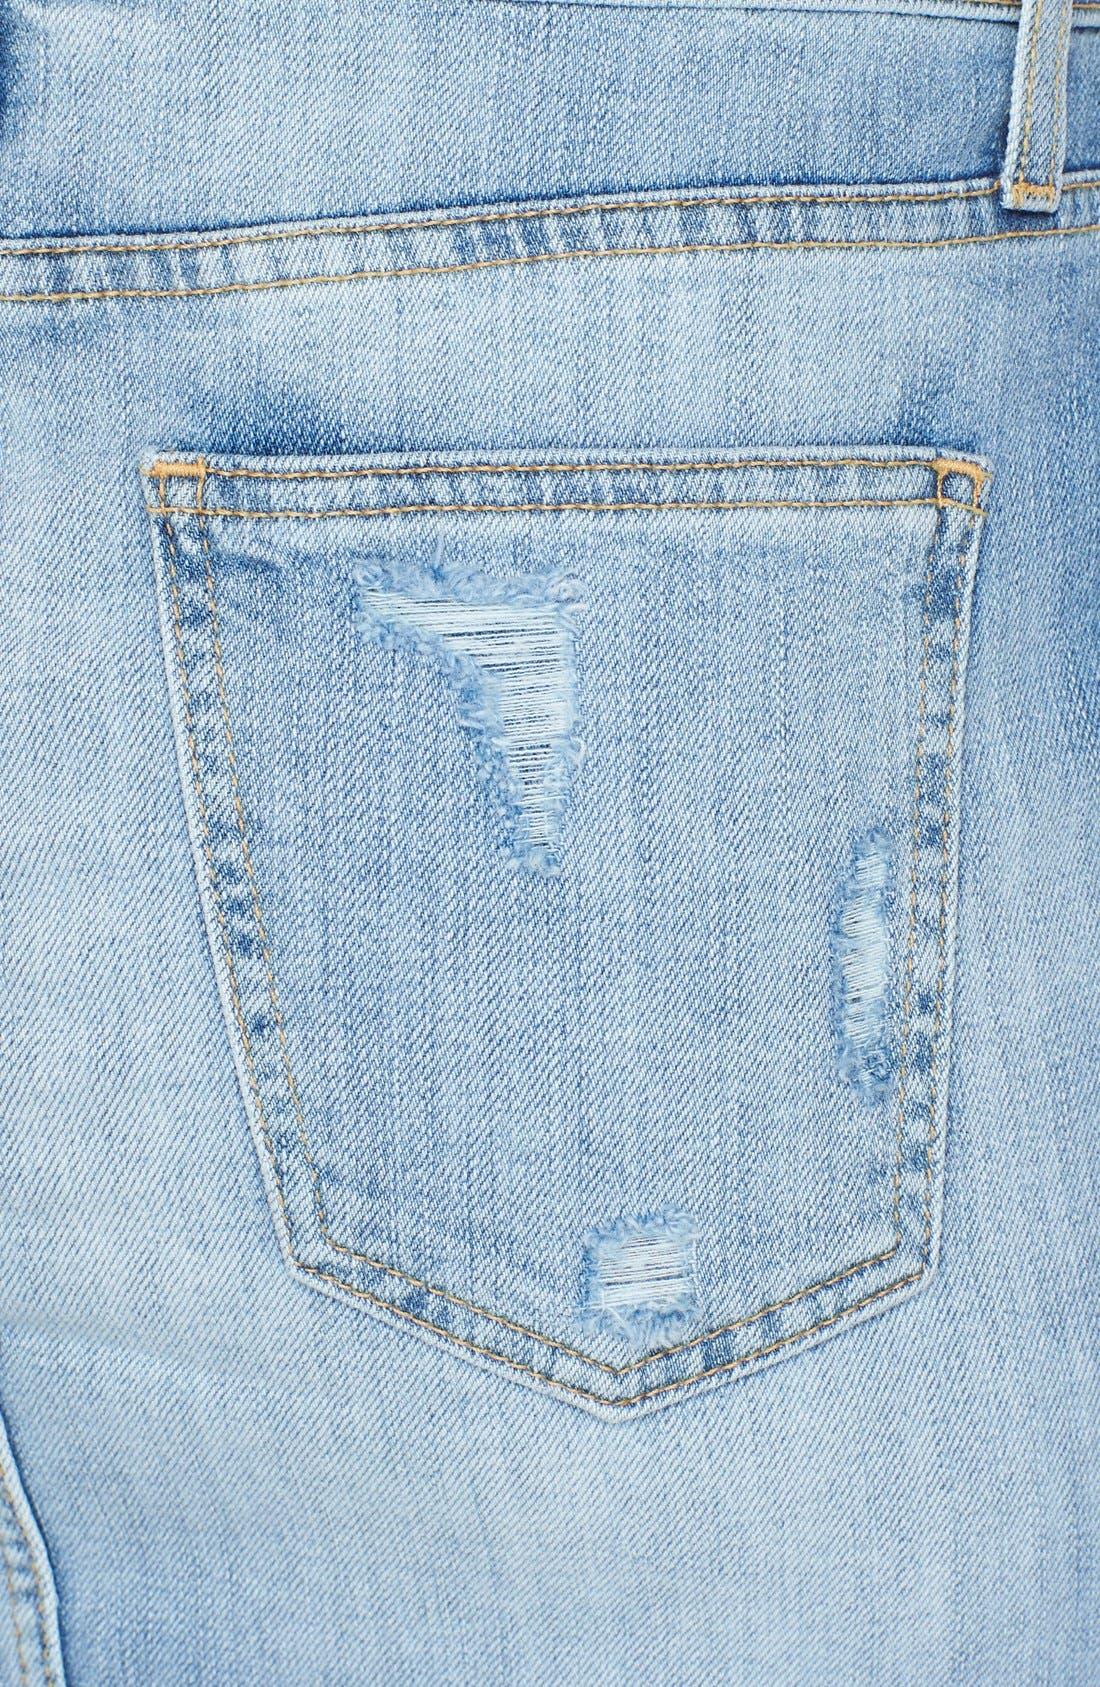 ,                             'The Stiletto' Destroyed Jean Skirt,                             Alternate thumbnail 2, color,                             481